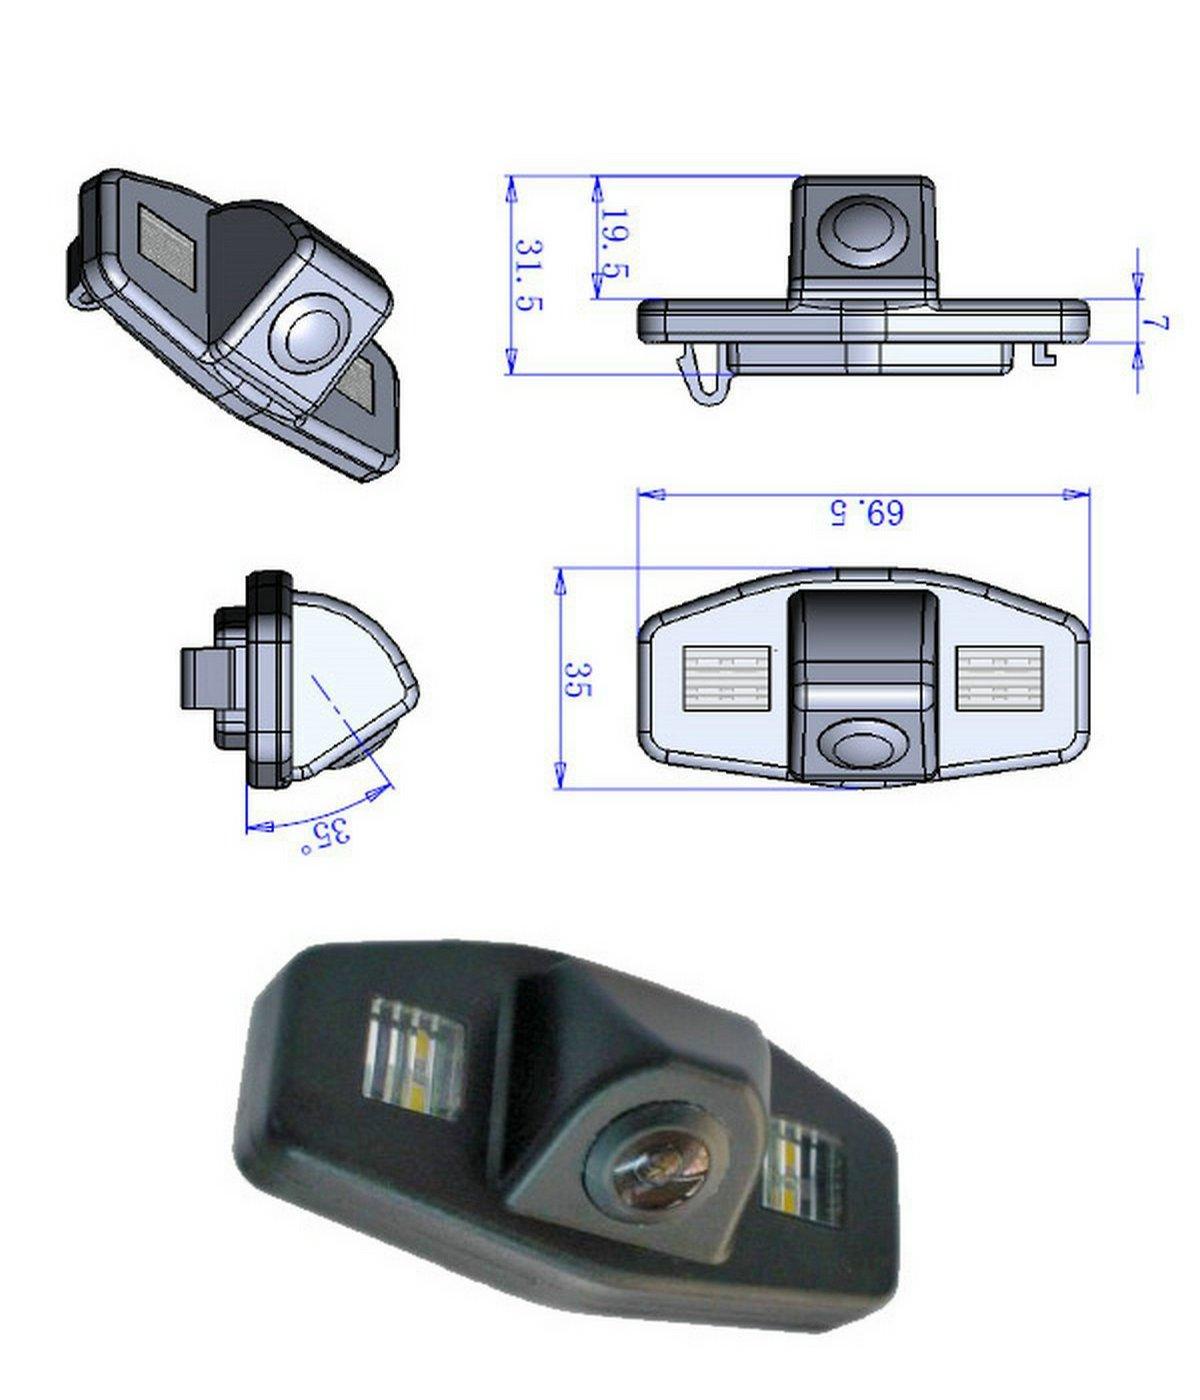 Incosky Ir Color Cmos Camera Wiring Diagram